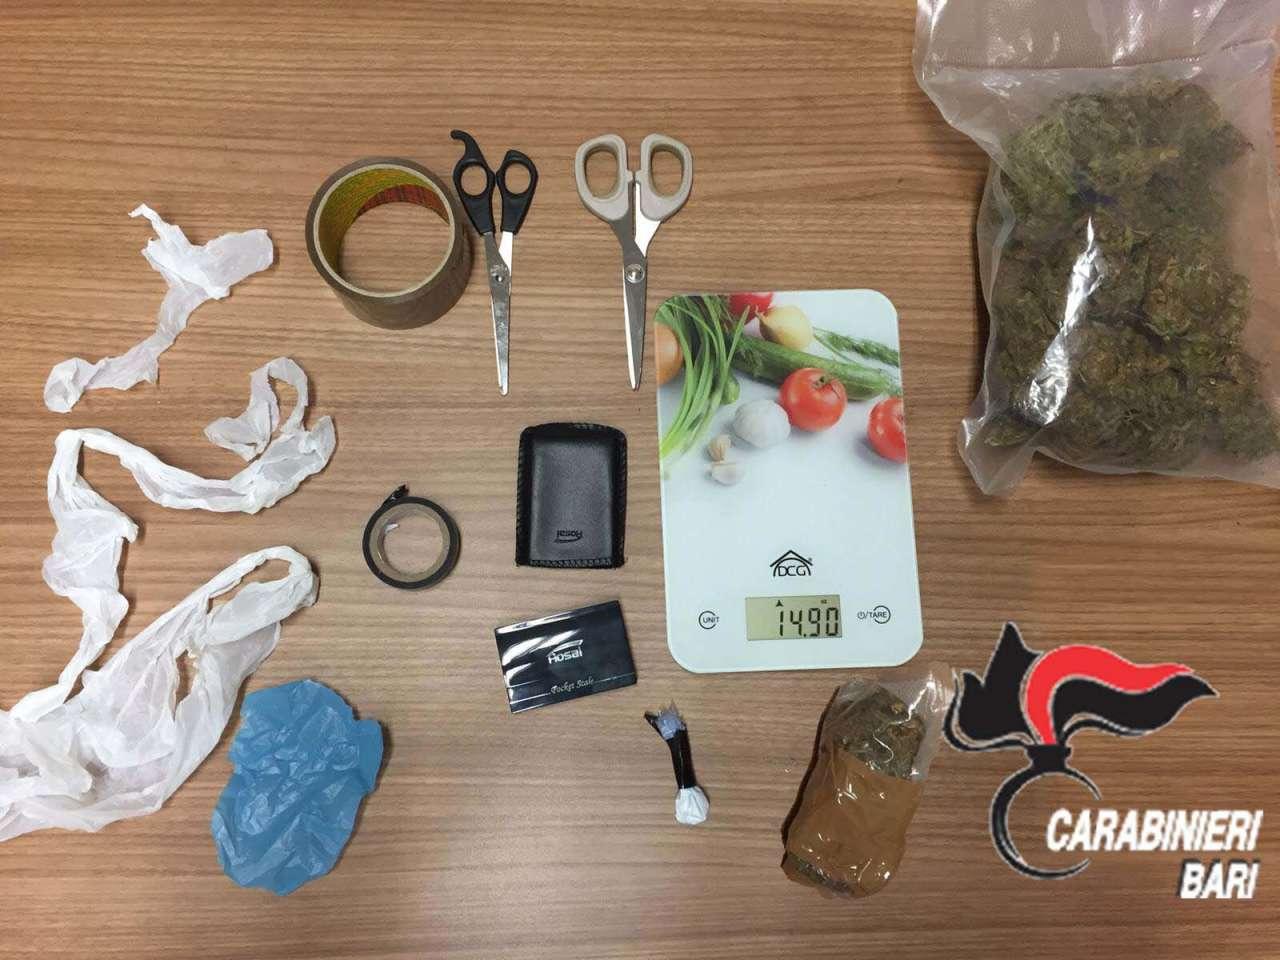 Droga arrestato commerciante